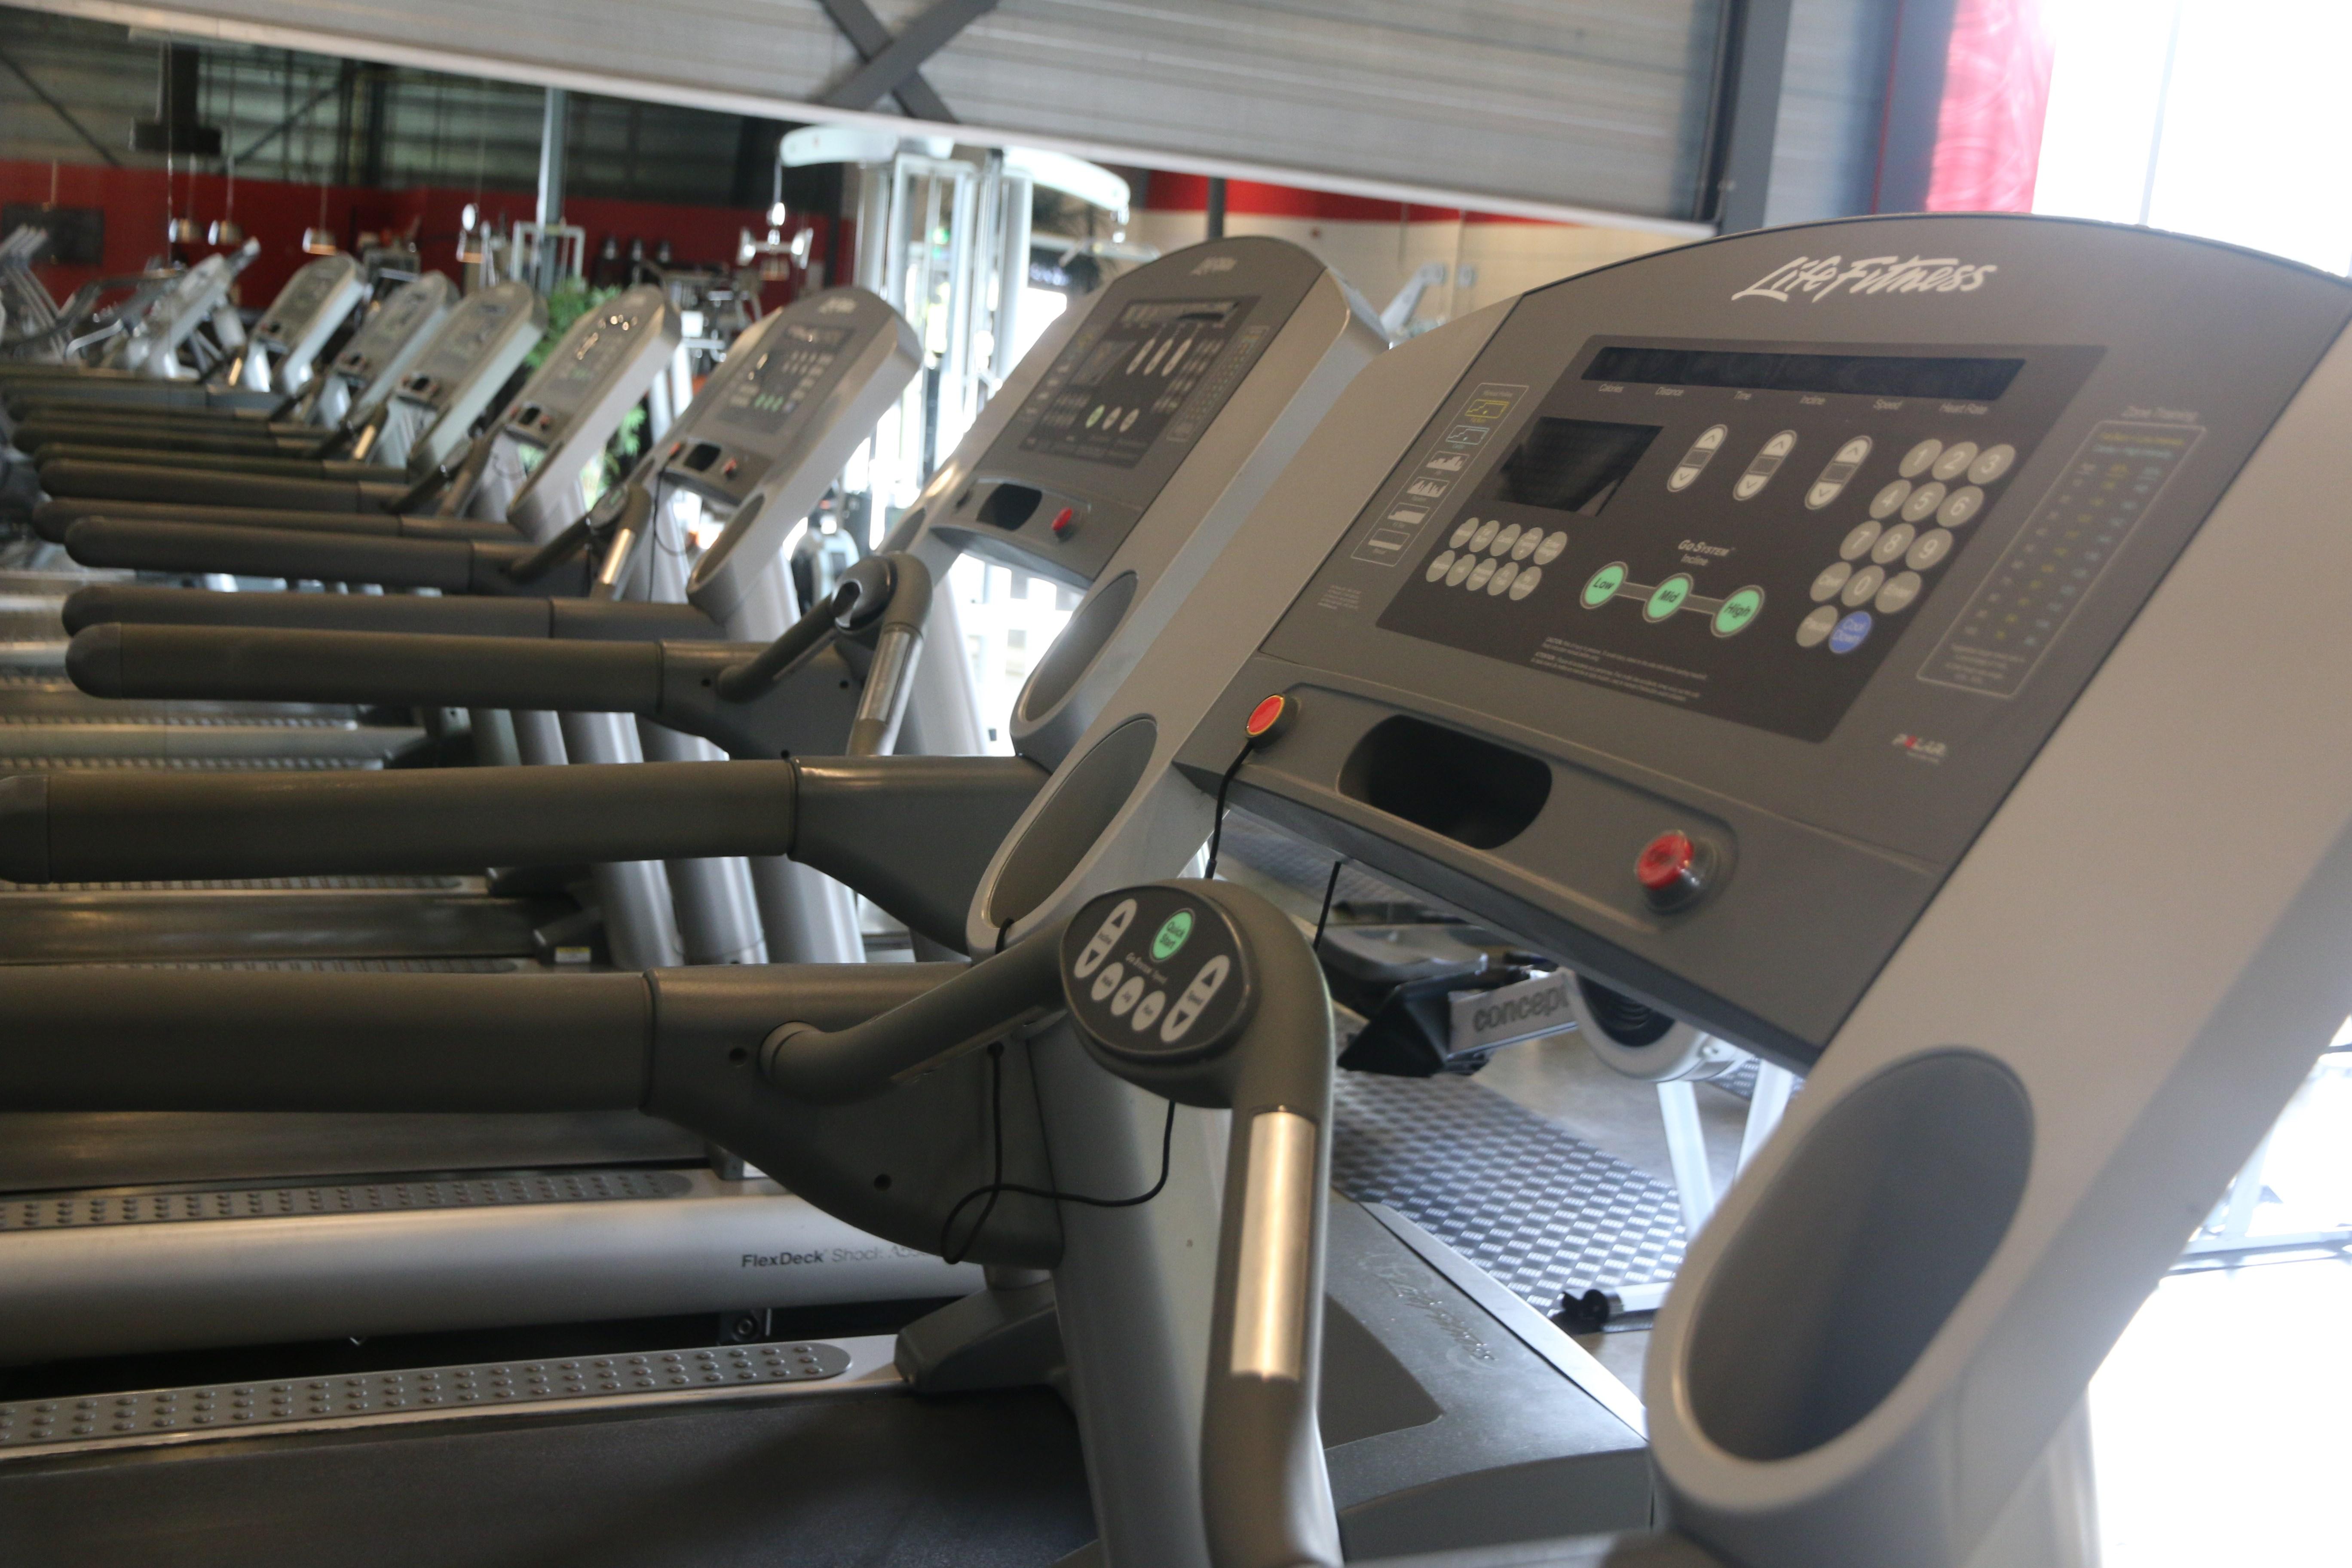 Fitness/Cardio